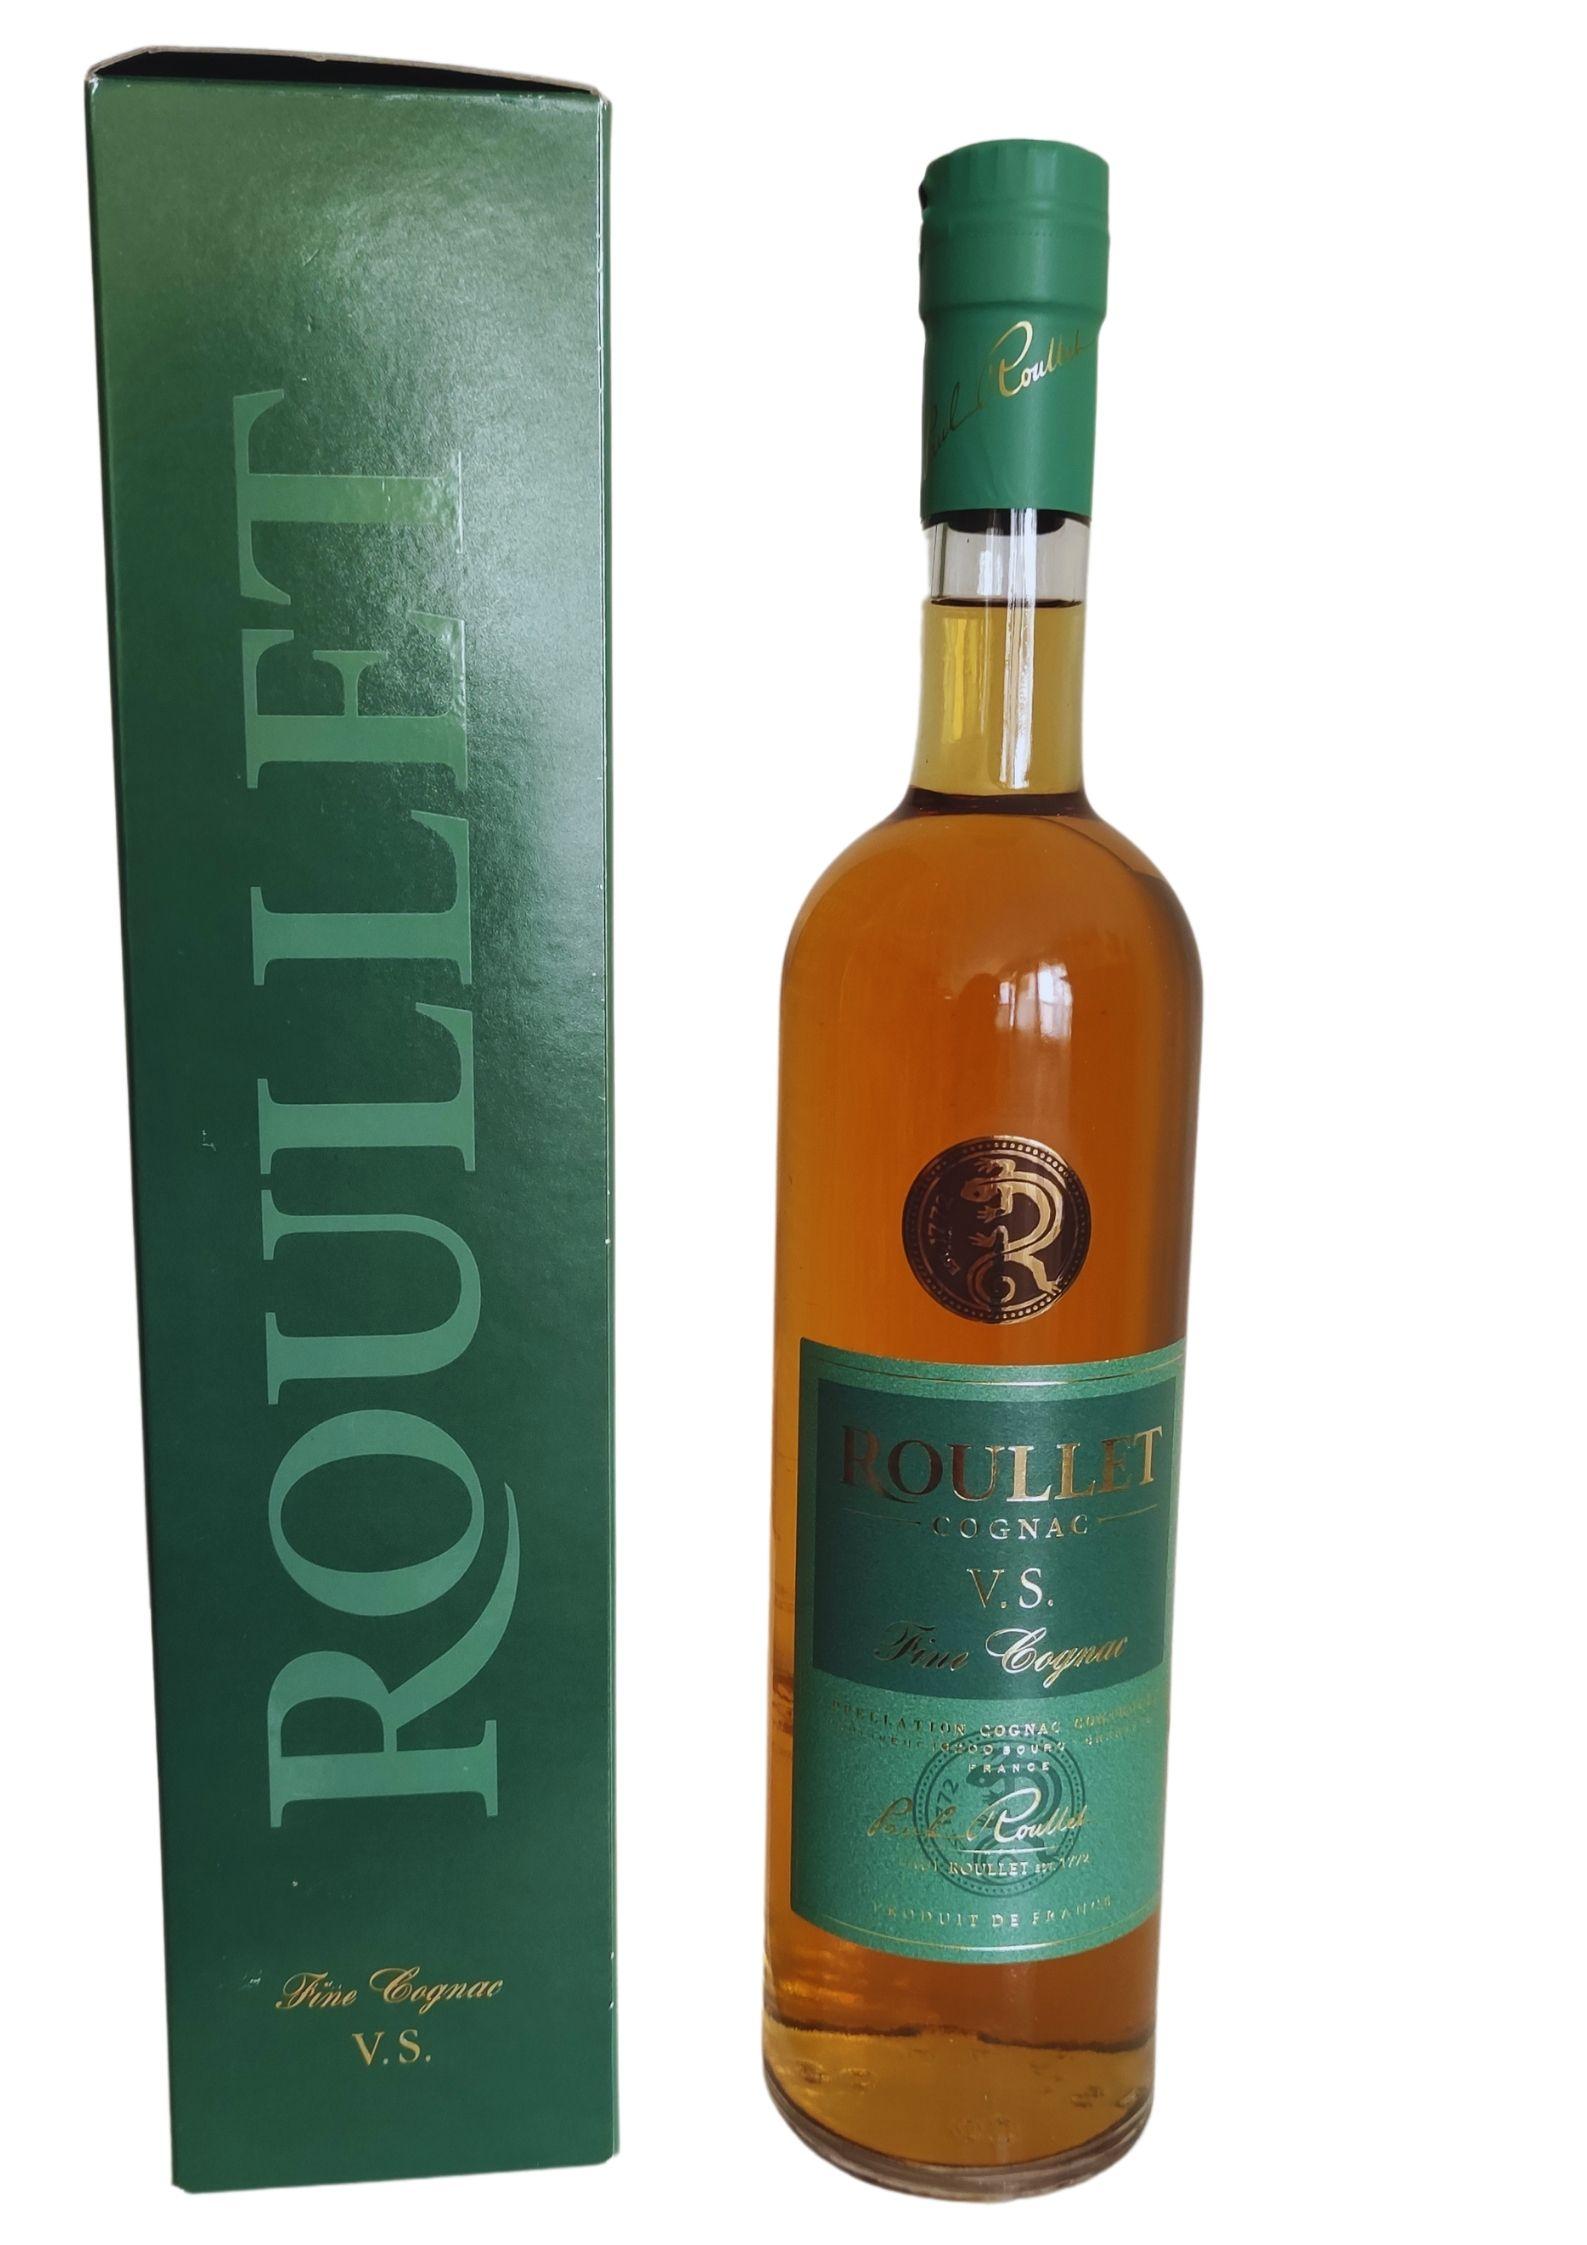 Cognac Roullet VS 70 cl